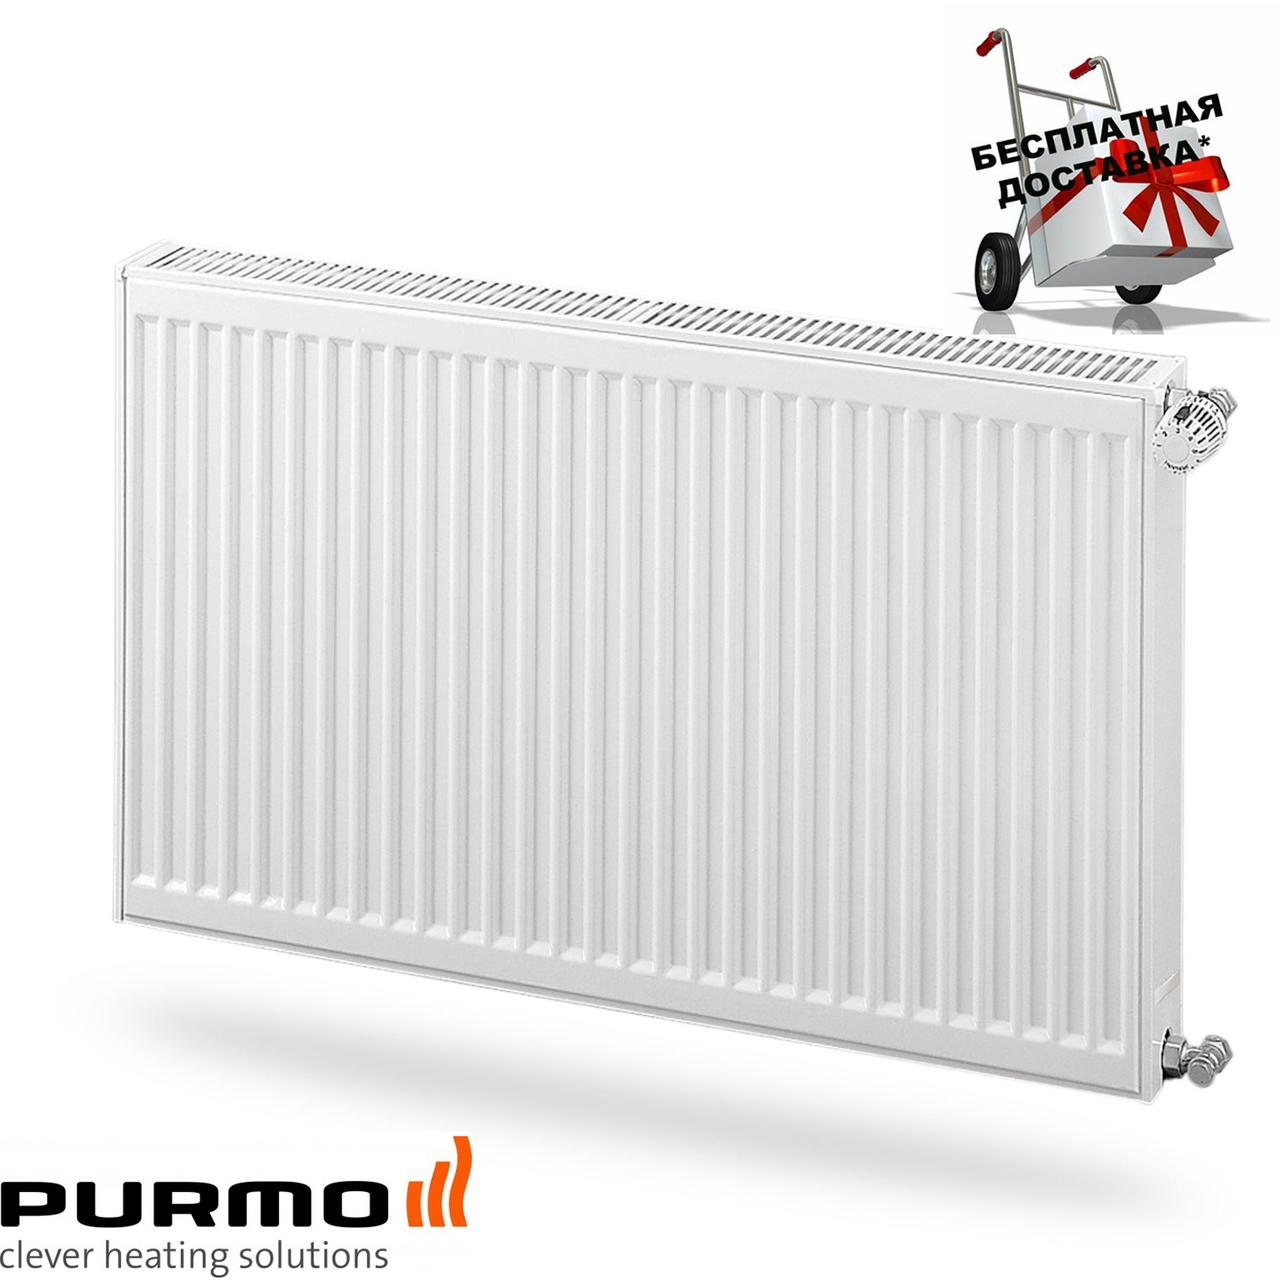 Сталевий (панельний) радіатор PURMO Compact т22 300x700 бокове підключення